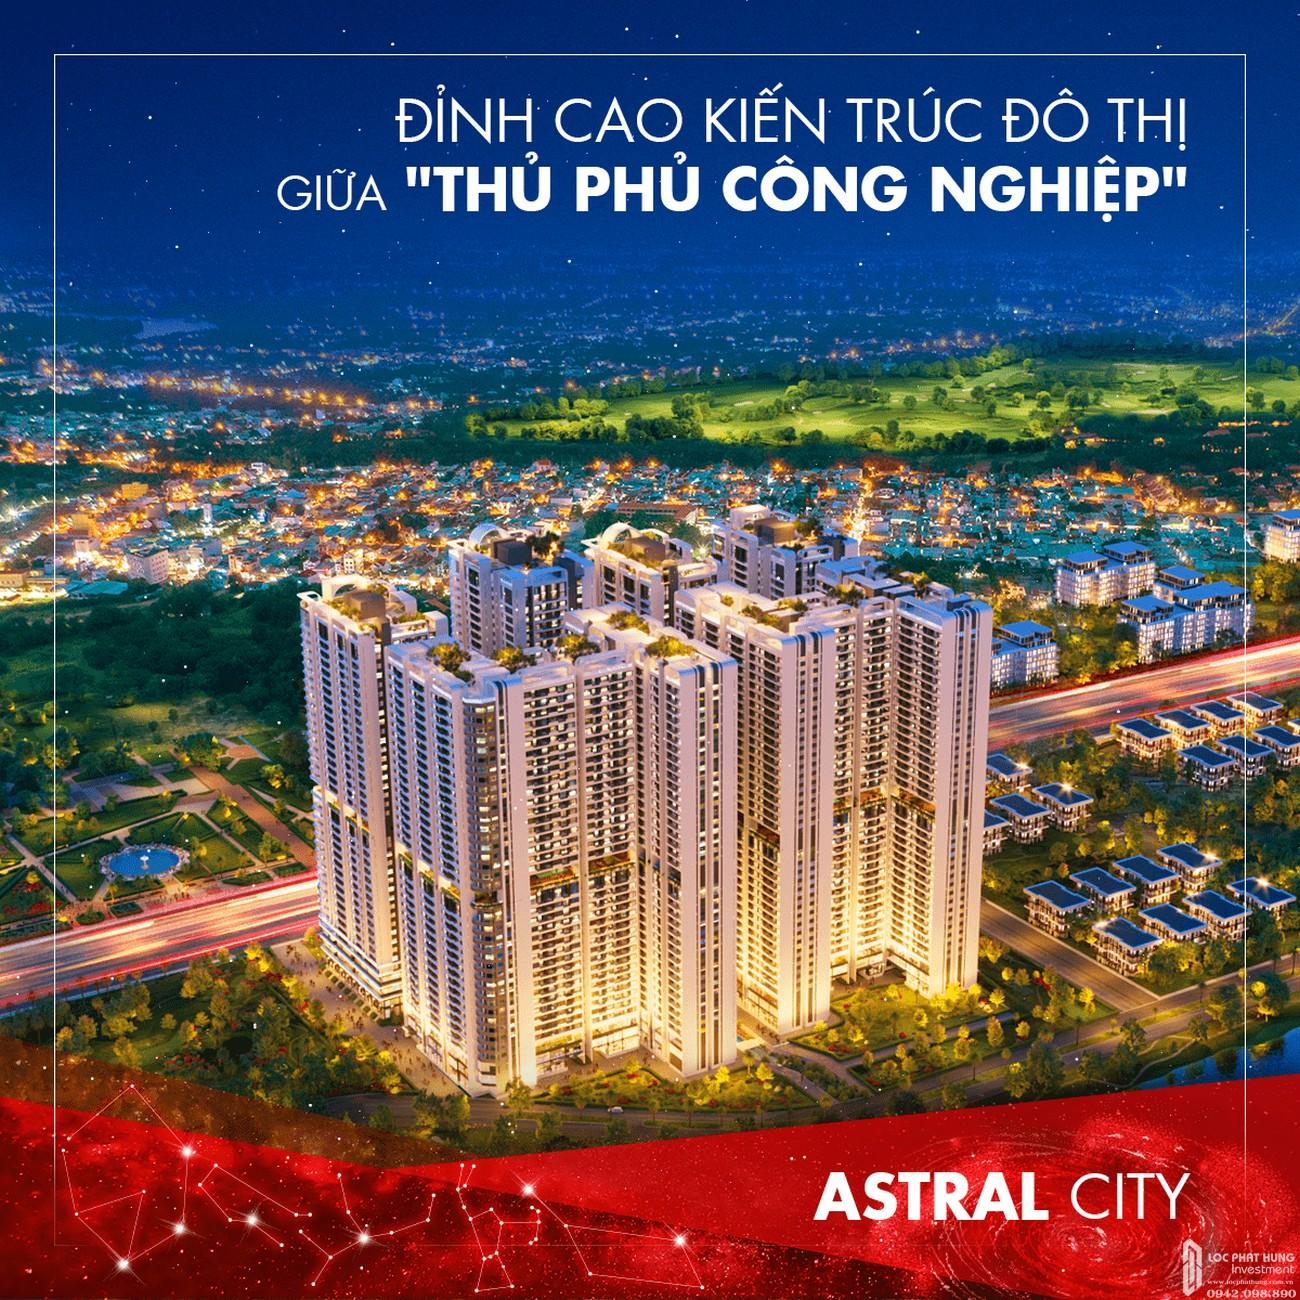 Những ưu điểm vượt trội đưa dự án căn hộ Astral City thành tâm điểm Bình Dương